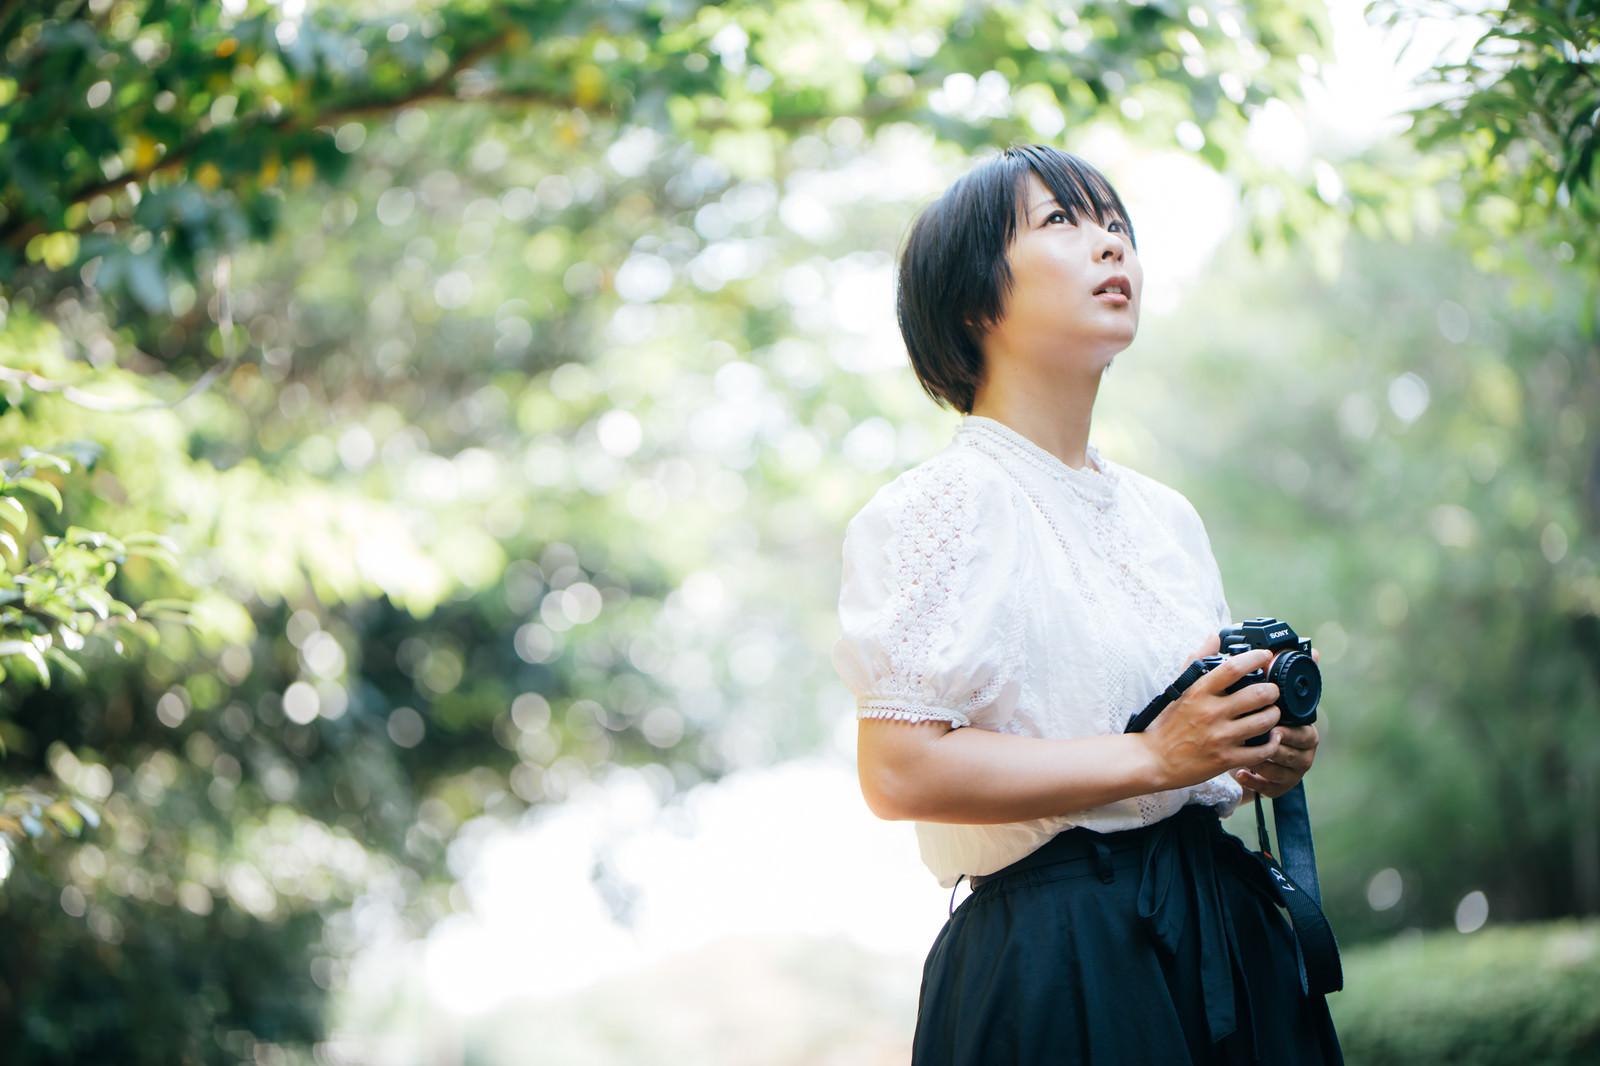 「ミラーレスカメラを持った女性カメラマン | 写真の無料素材・フリー素材 - ぱくたそ」の写真[モデル:にゃるる]